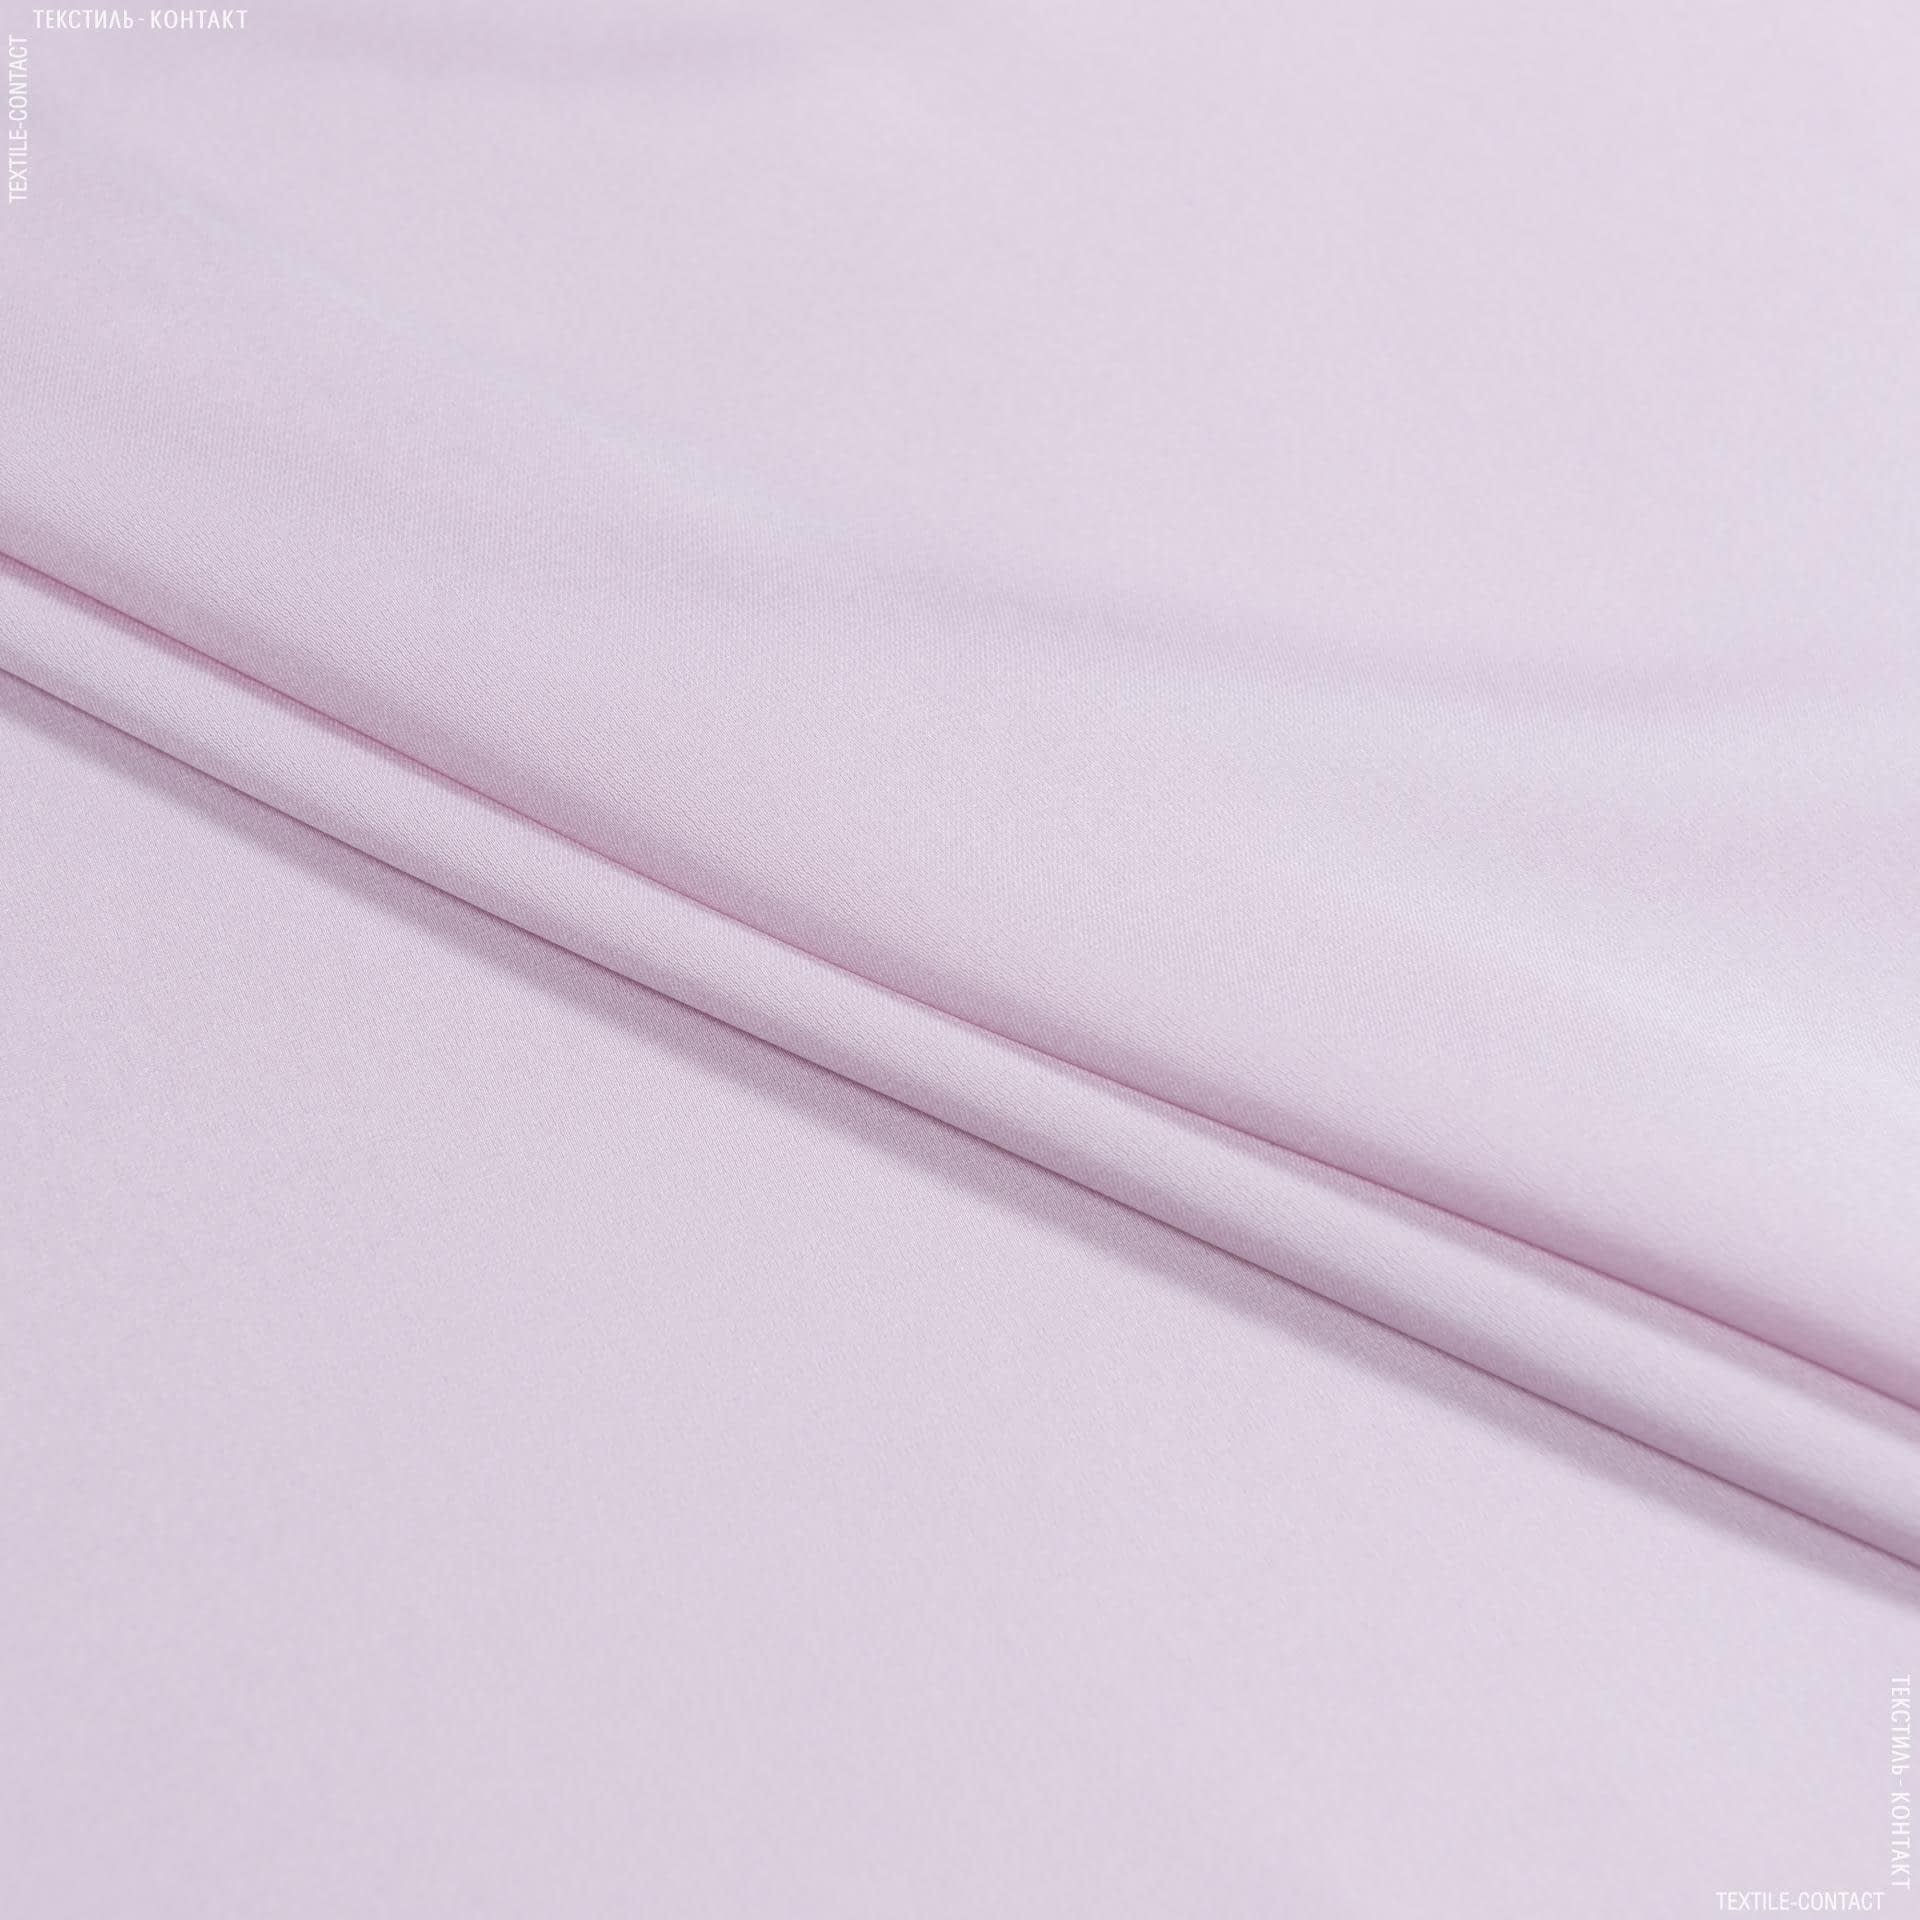 Ткани для платьев - Шелк стрейч матовый светло-розовый